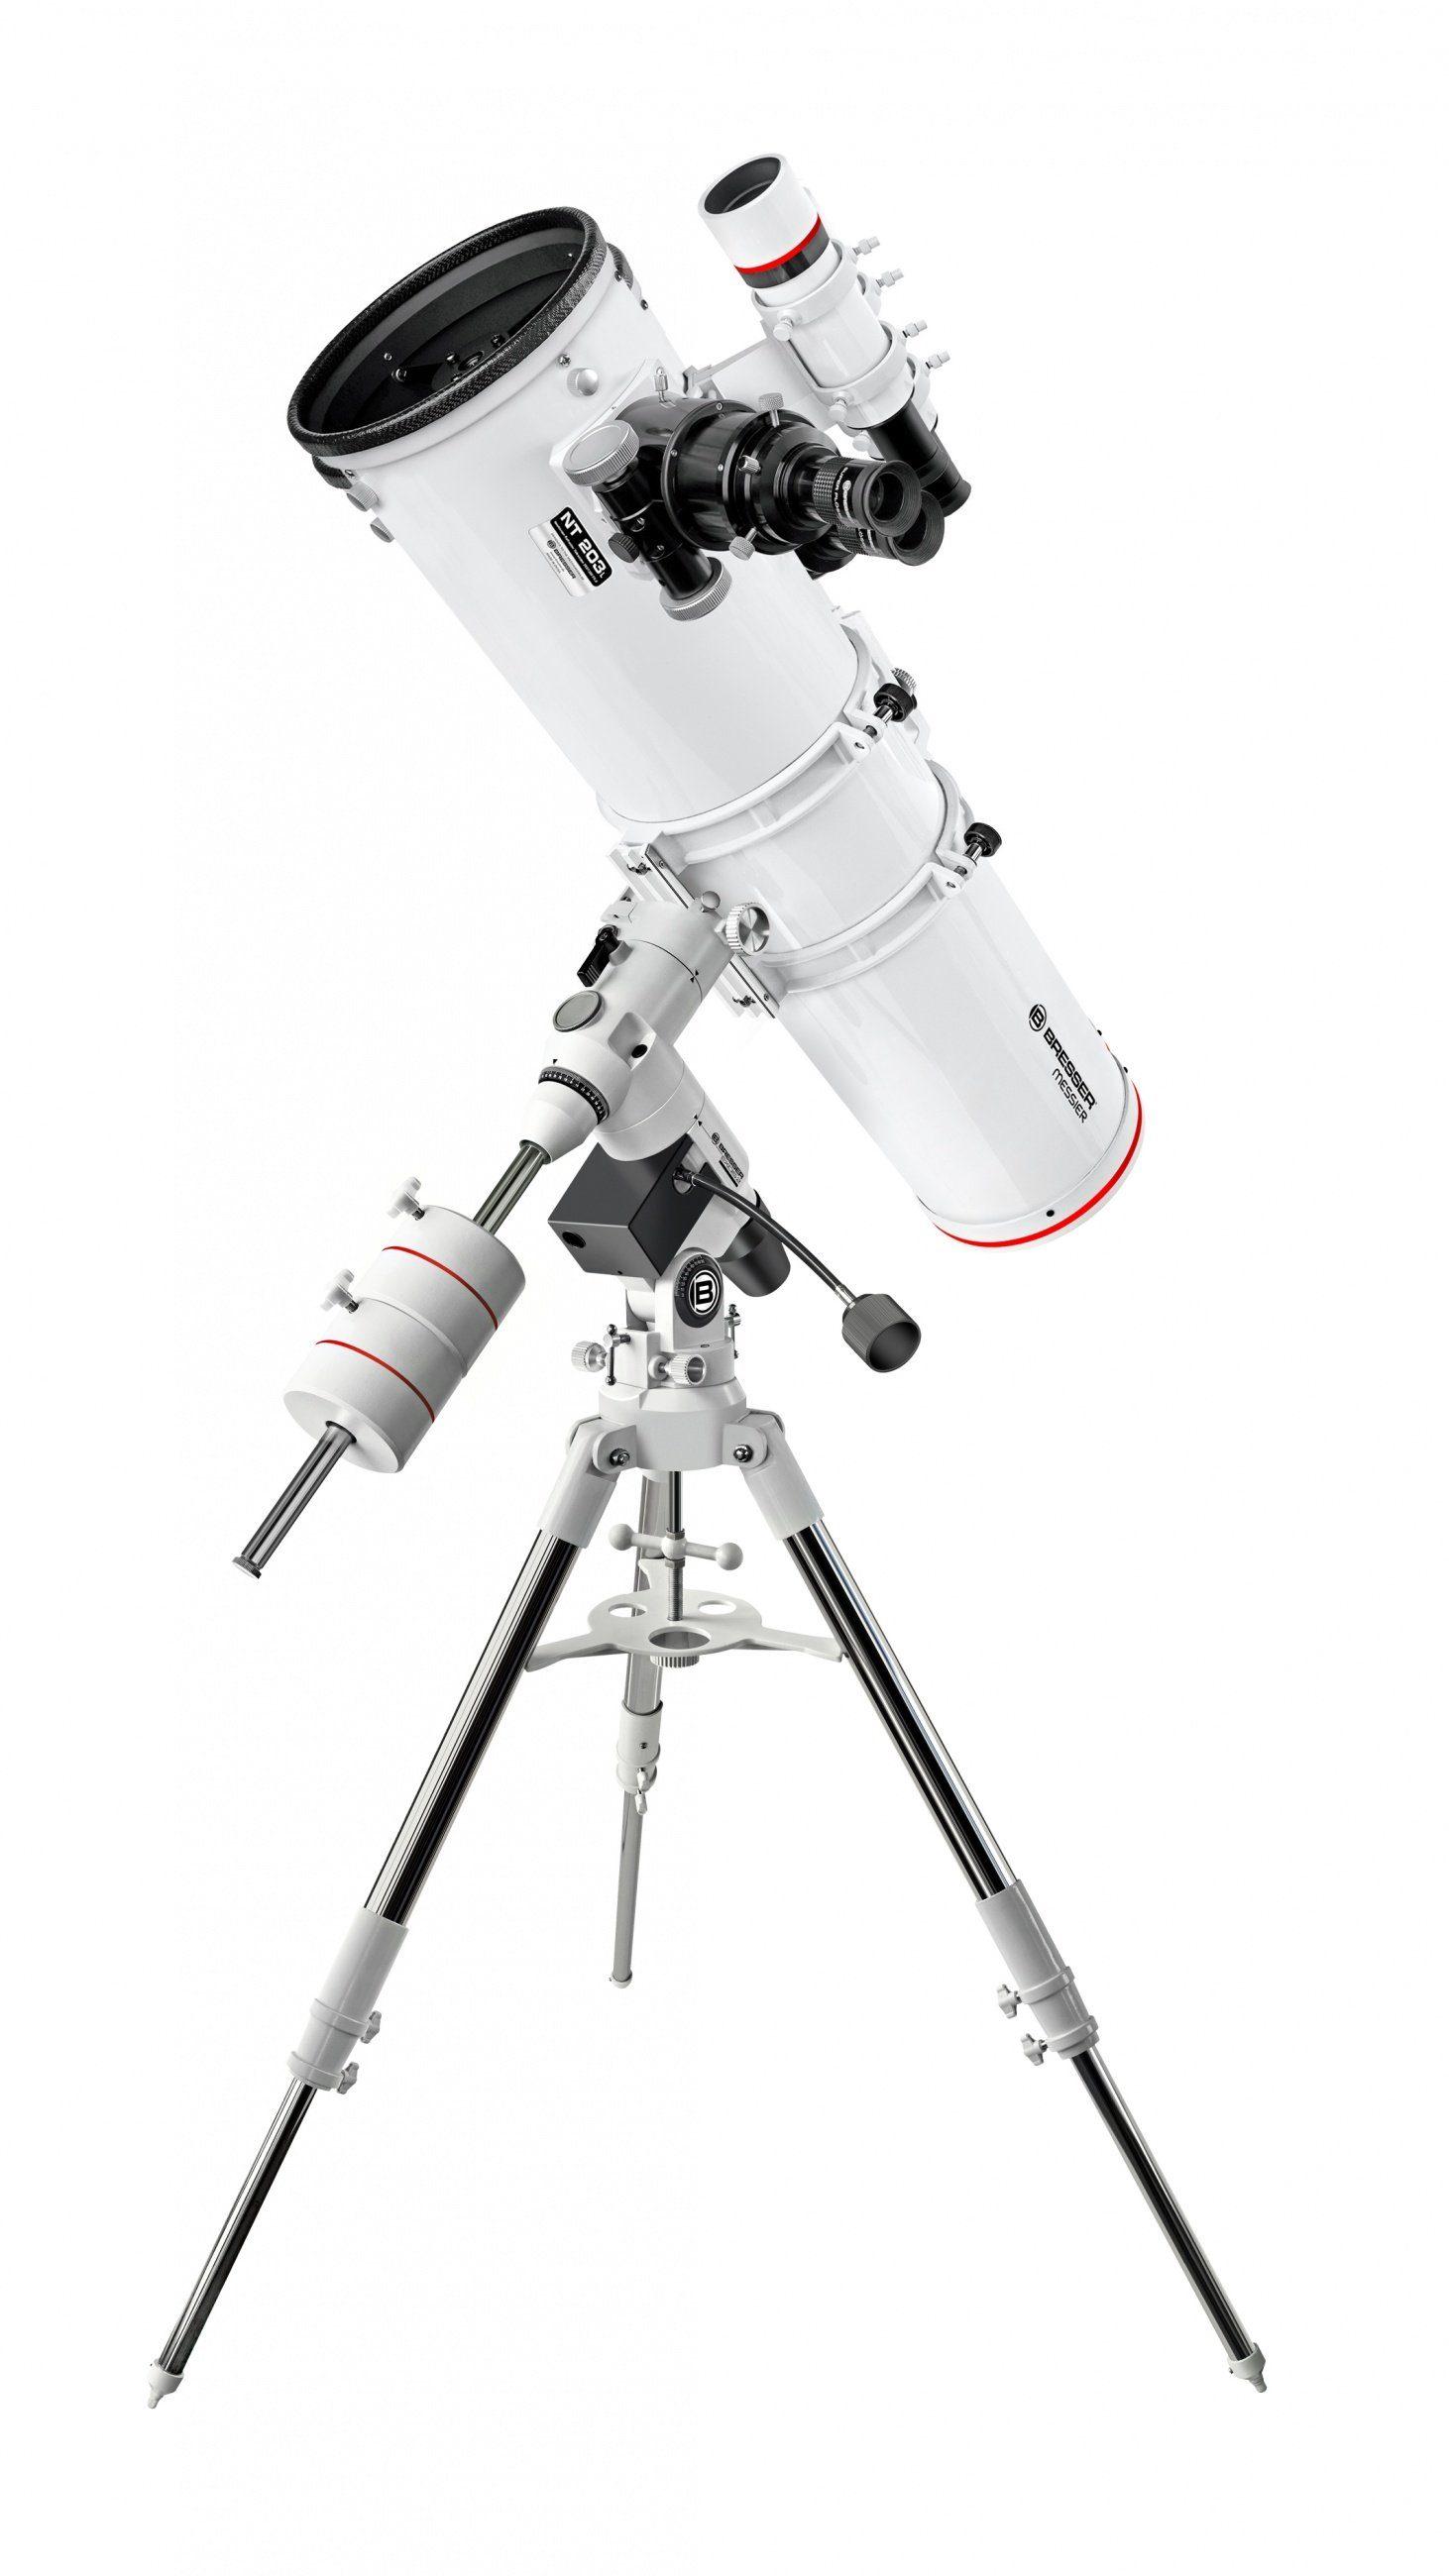 Bresser Teleskop »Messier NT-203/1200 Hexafoc EXOS-2 Montierung«